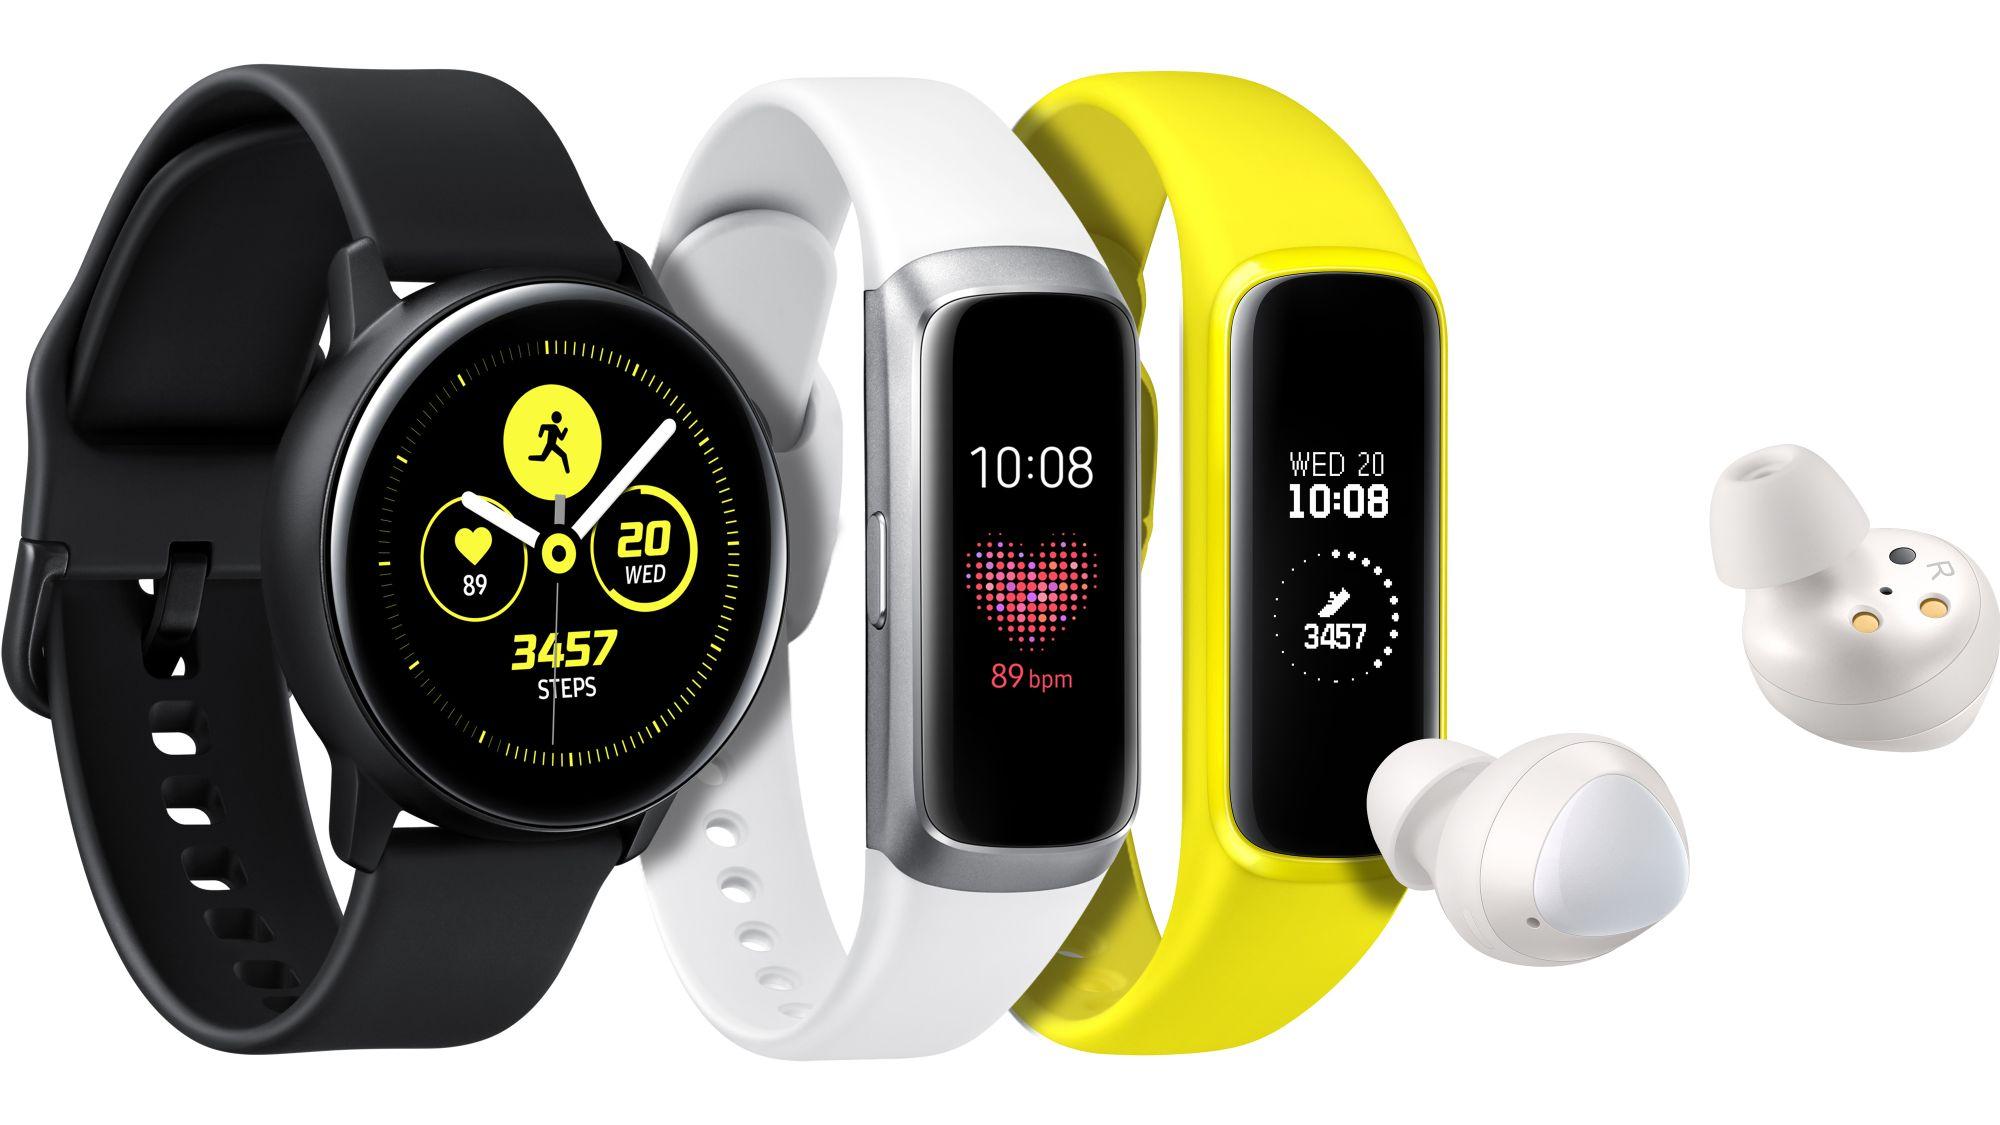 Nowe akcesoria od Samsunga: Galaxy Watch Active, Galaxy Fit, Galaxy Fit E i Galaxy Buds 21